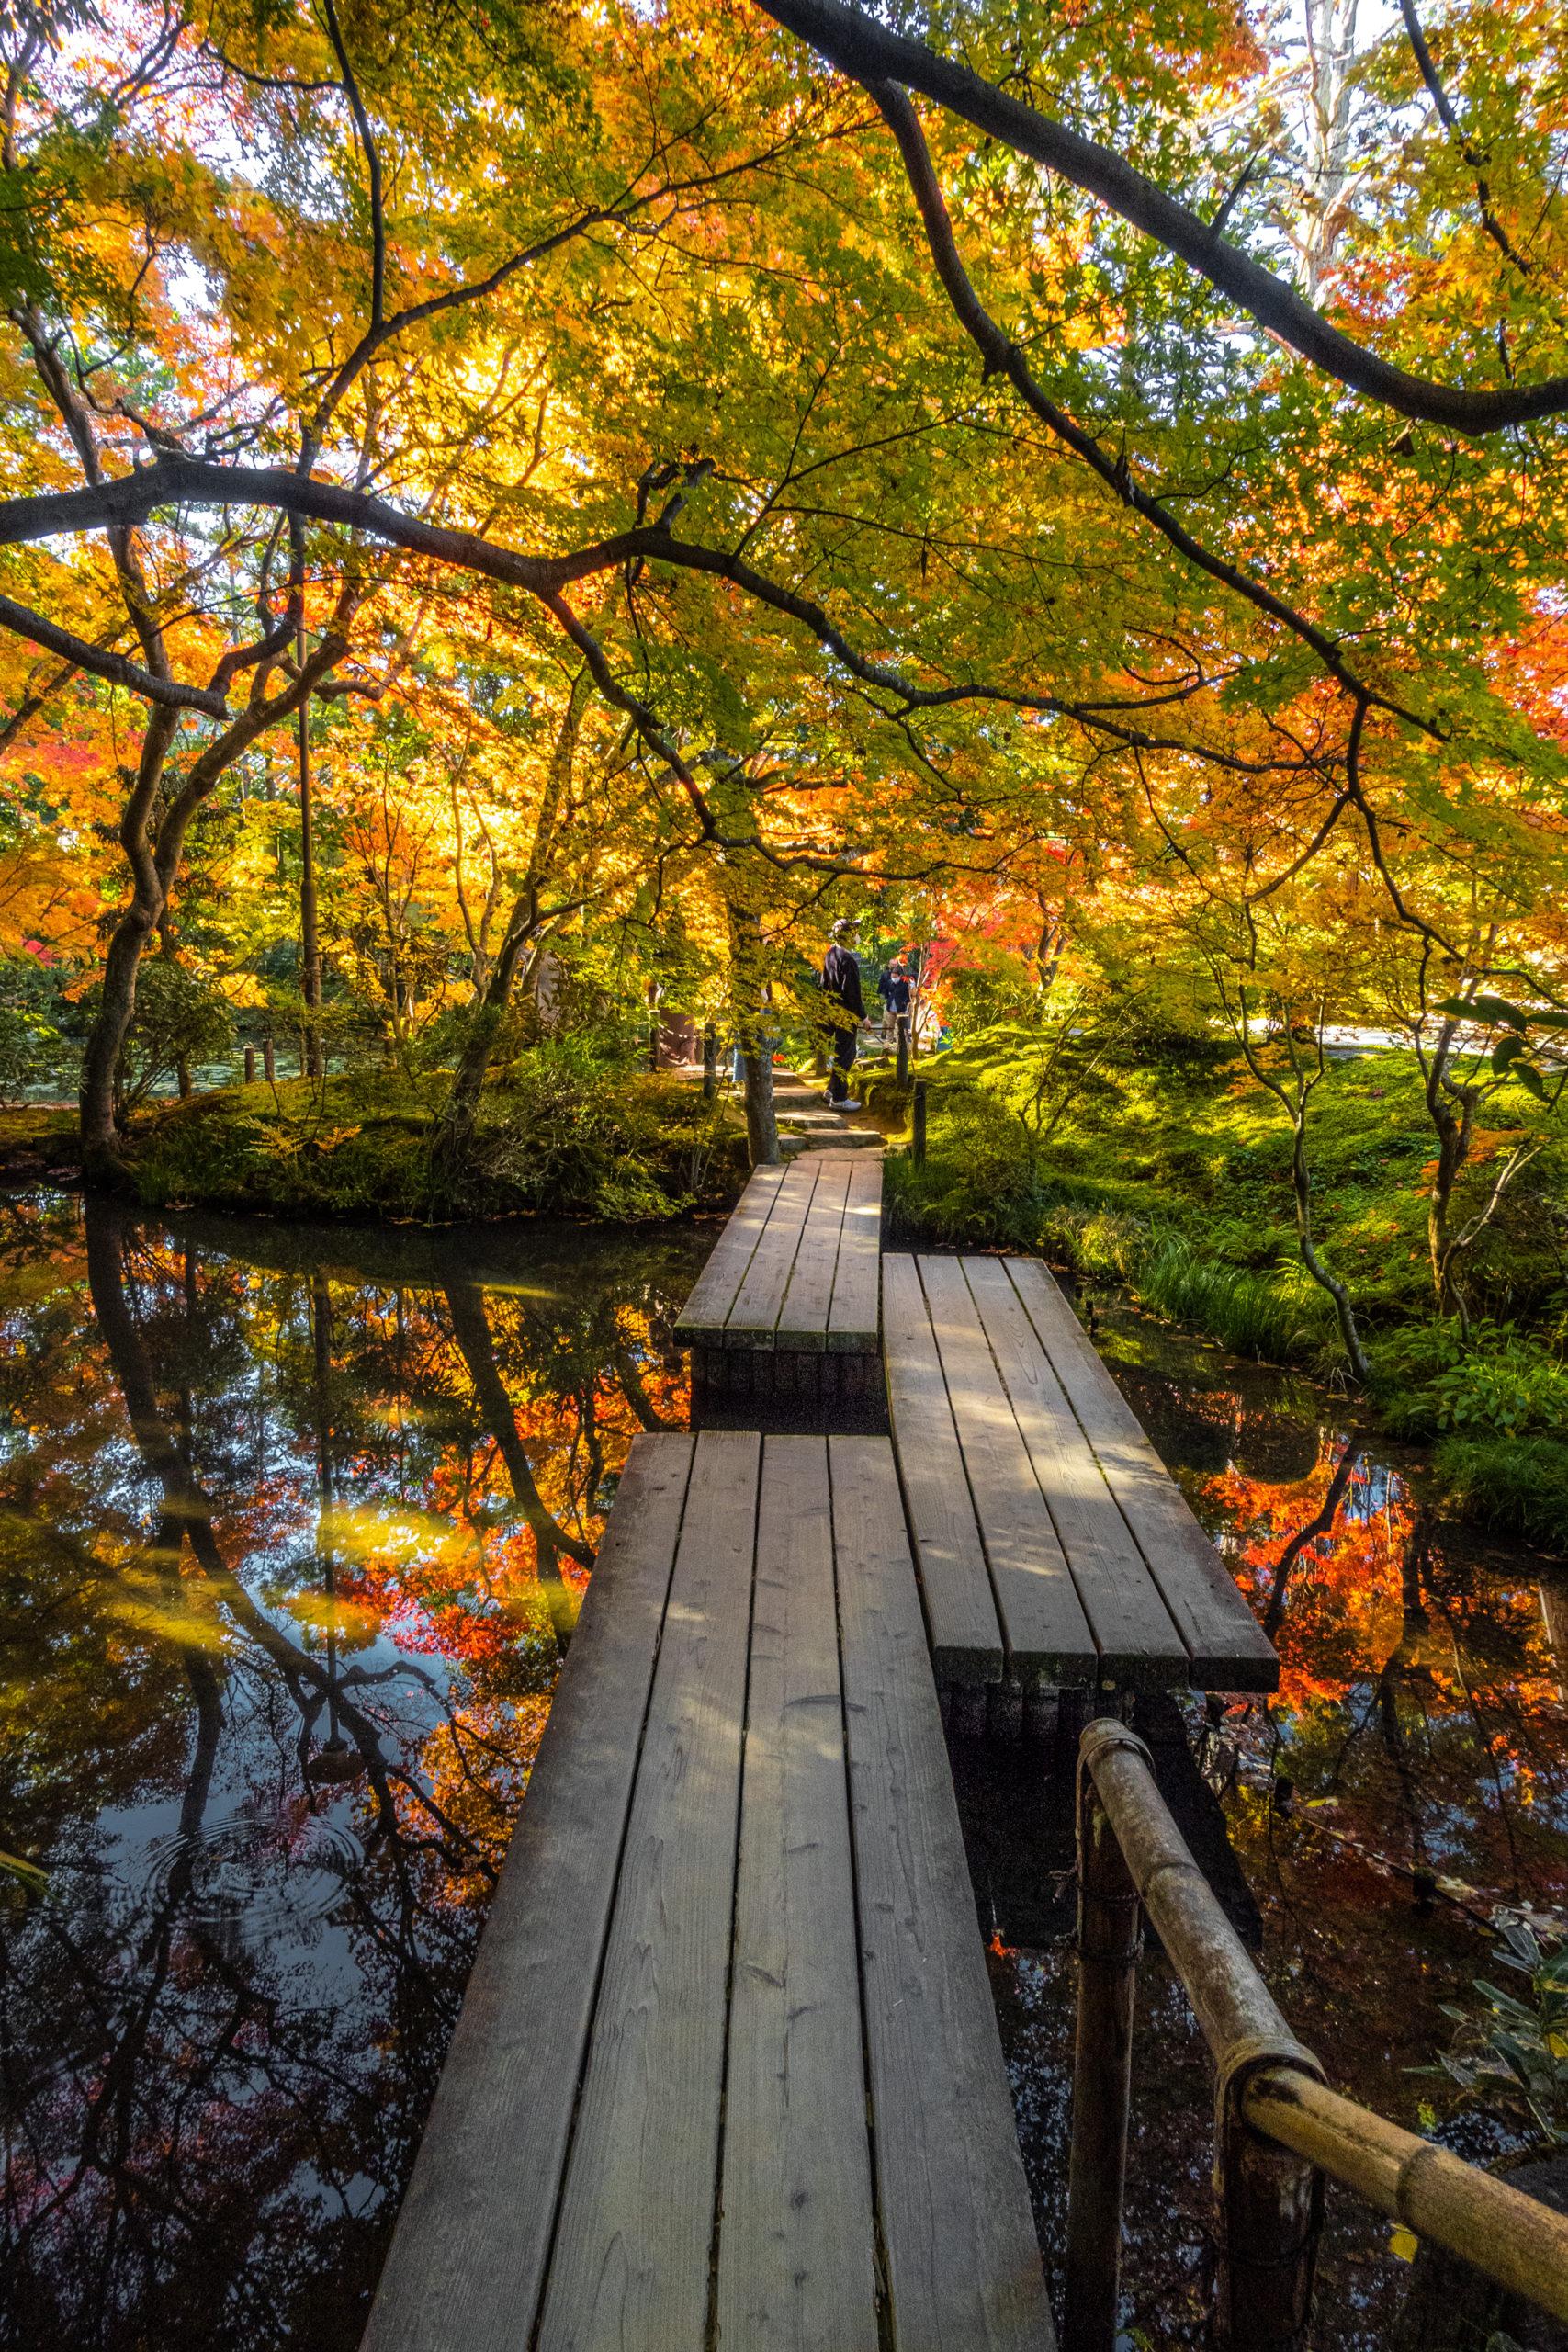 DSC00625-scaled 京都  天授庵(紅葉の美しい庭園が見所な秋におすすめのスポット!撮影した写真の紹介、アクセス情報など)